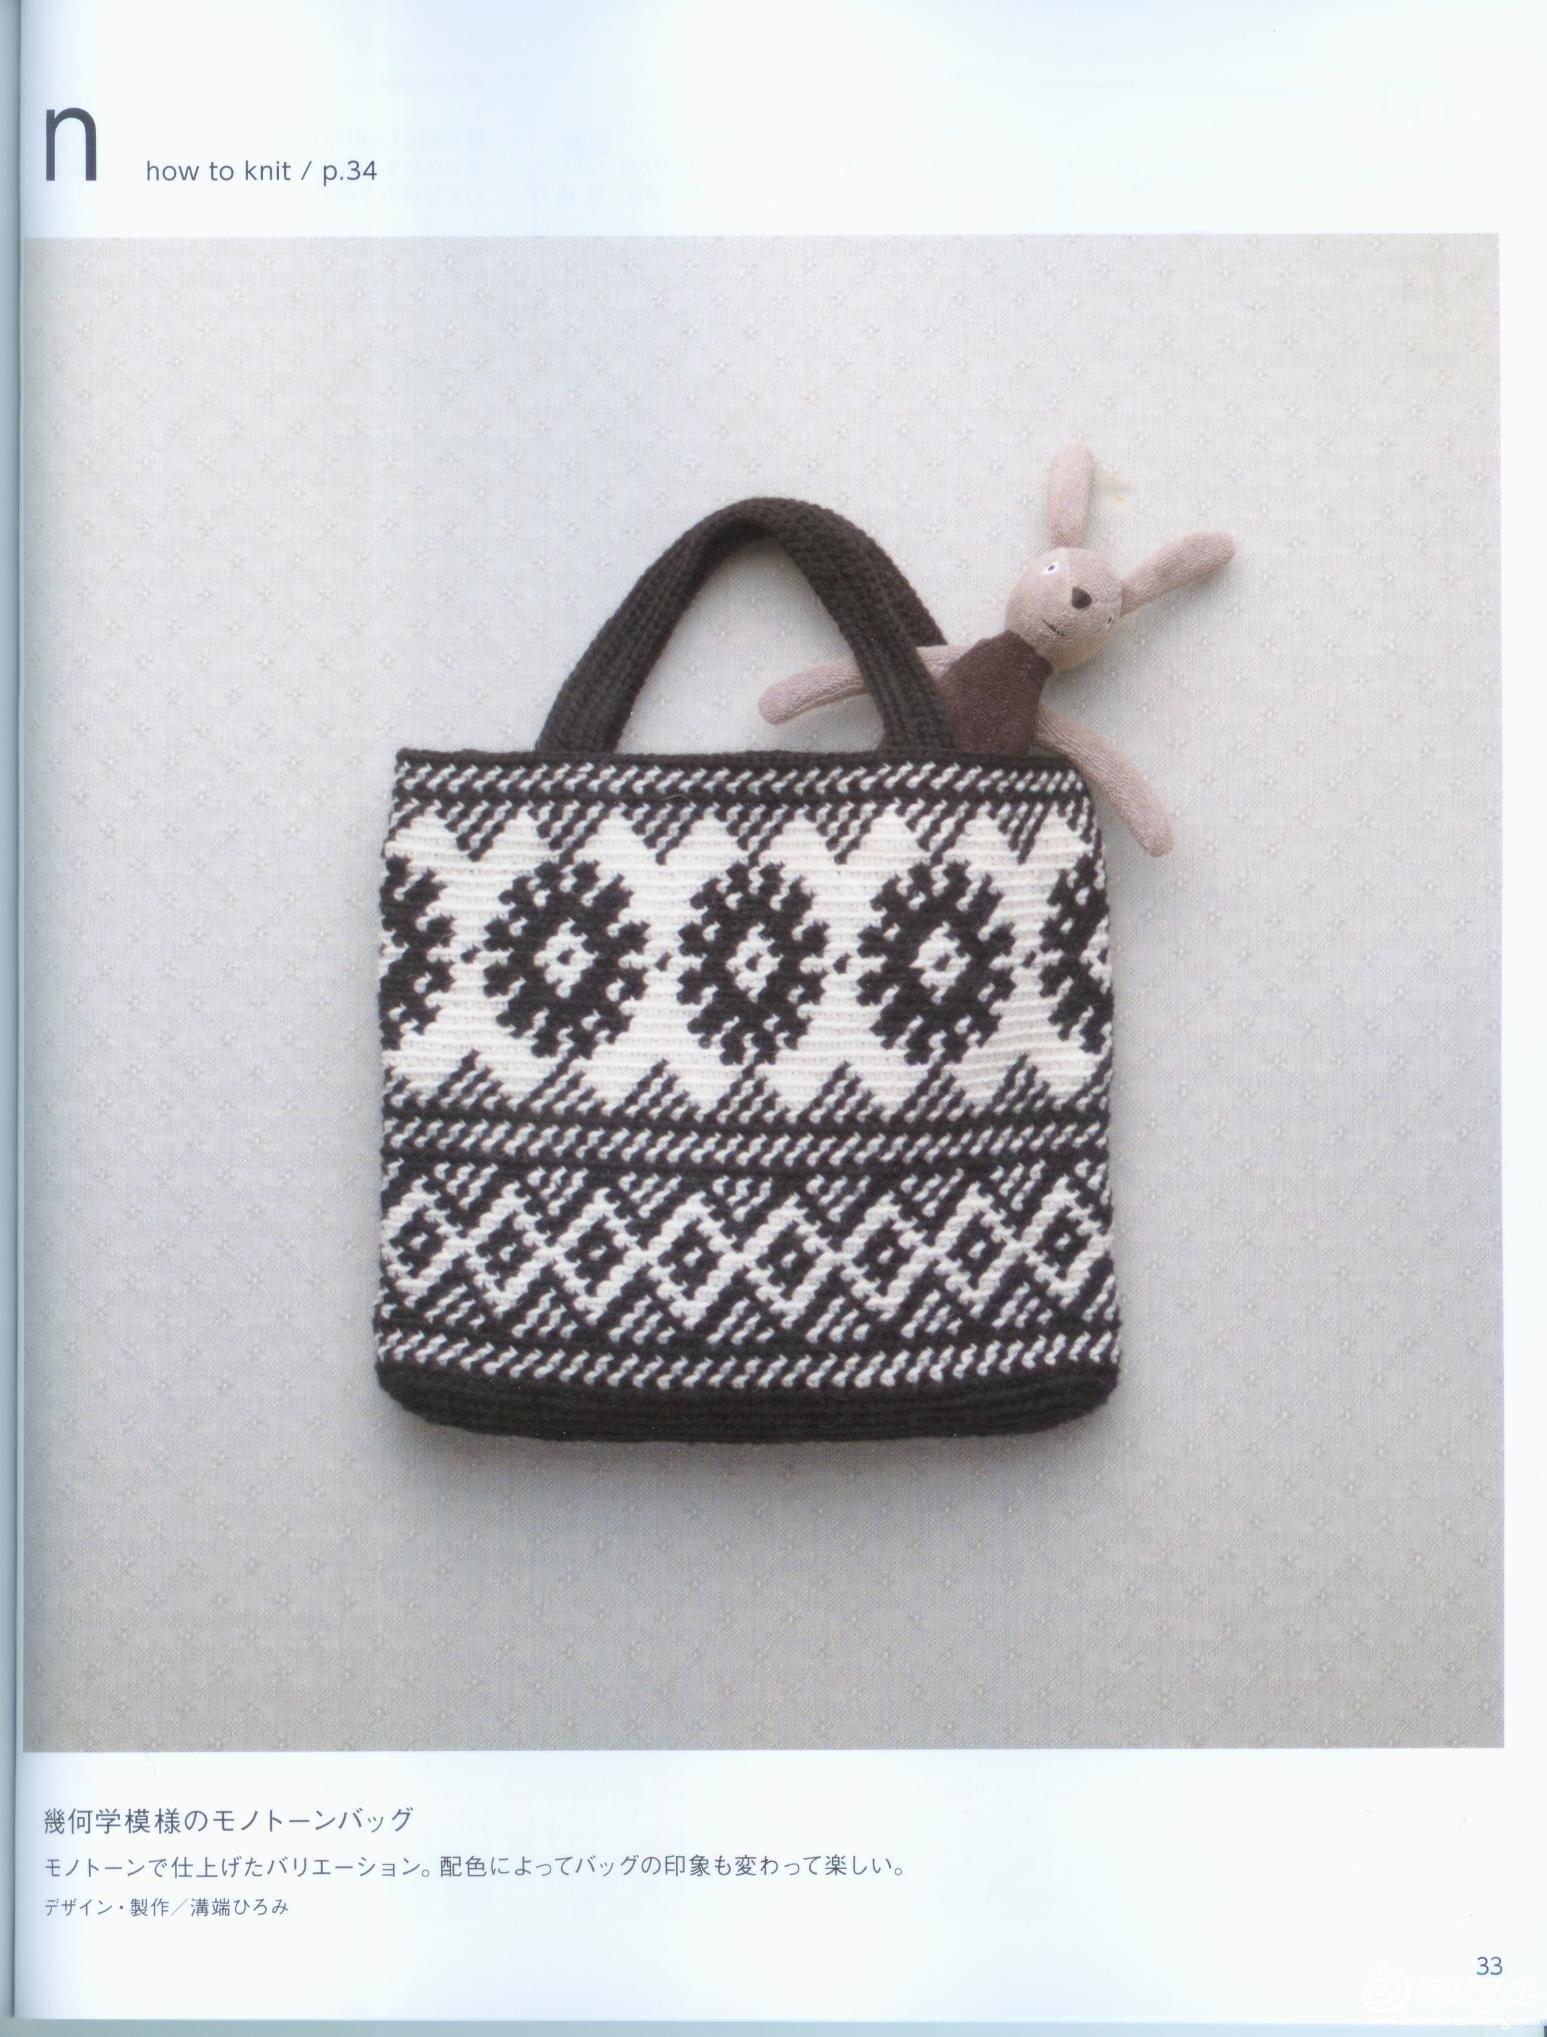 包 包包 包装 包装设计 购物纸袋 挎包手袋 女包 手提包 纸袋 1547